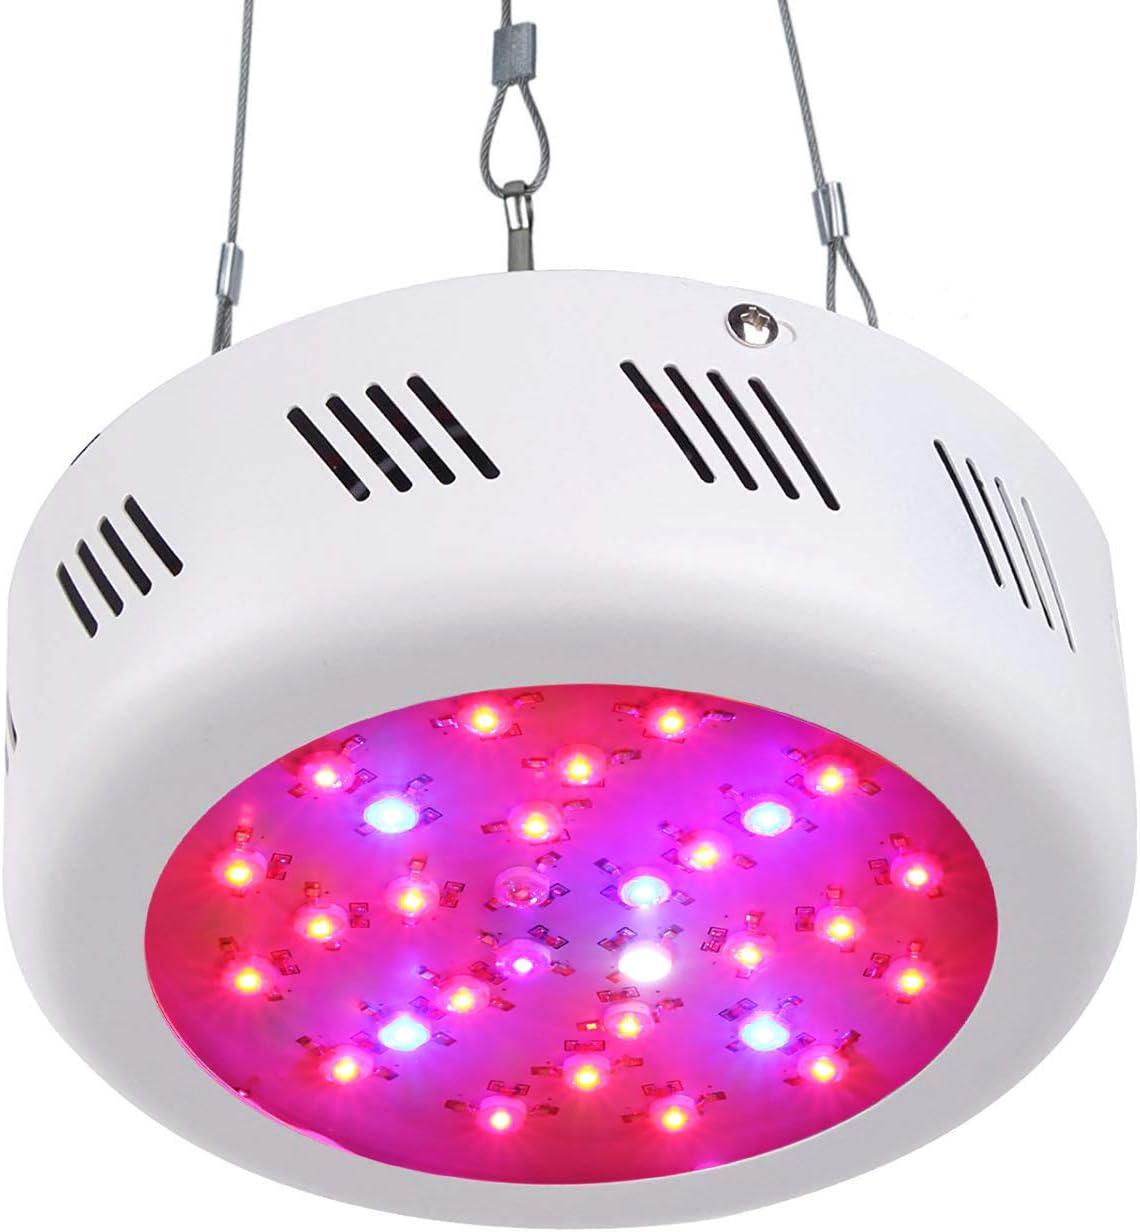 Roleadro LED Cultivo Interior 300W UFO Luces Led Grow Lampara Led Cultivo para Plantas Floración Cultivo Interior Con luz UV UV y luz blanca 10000K